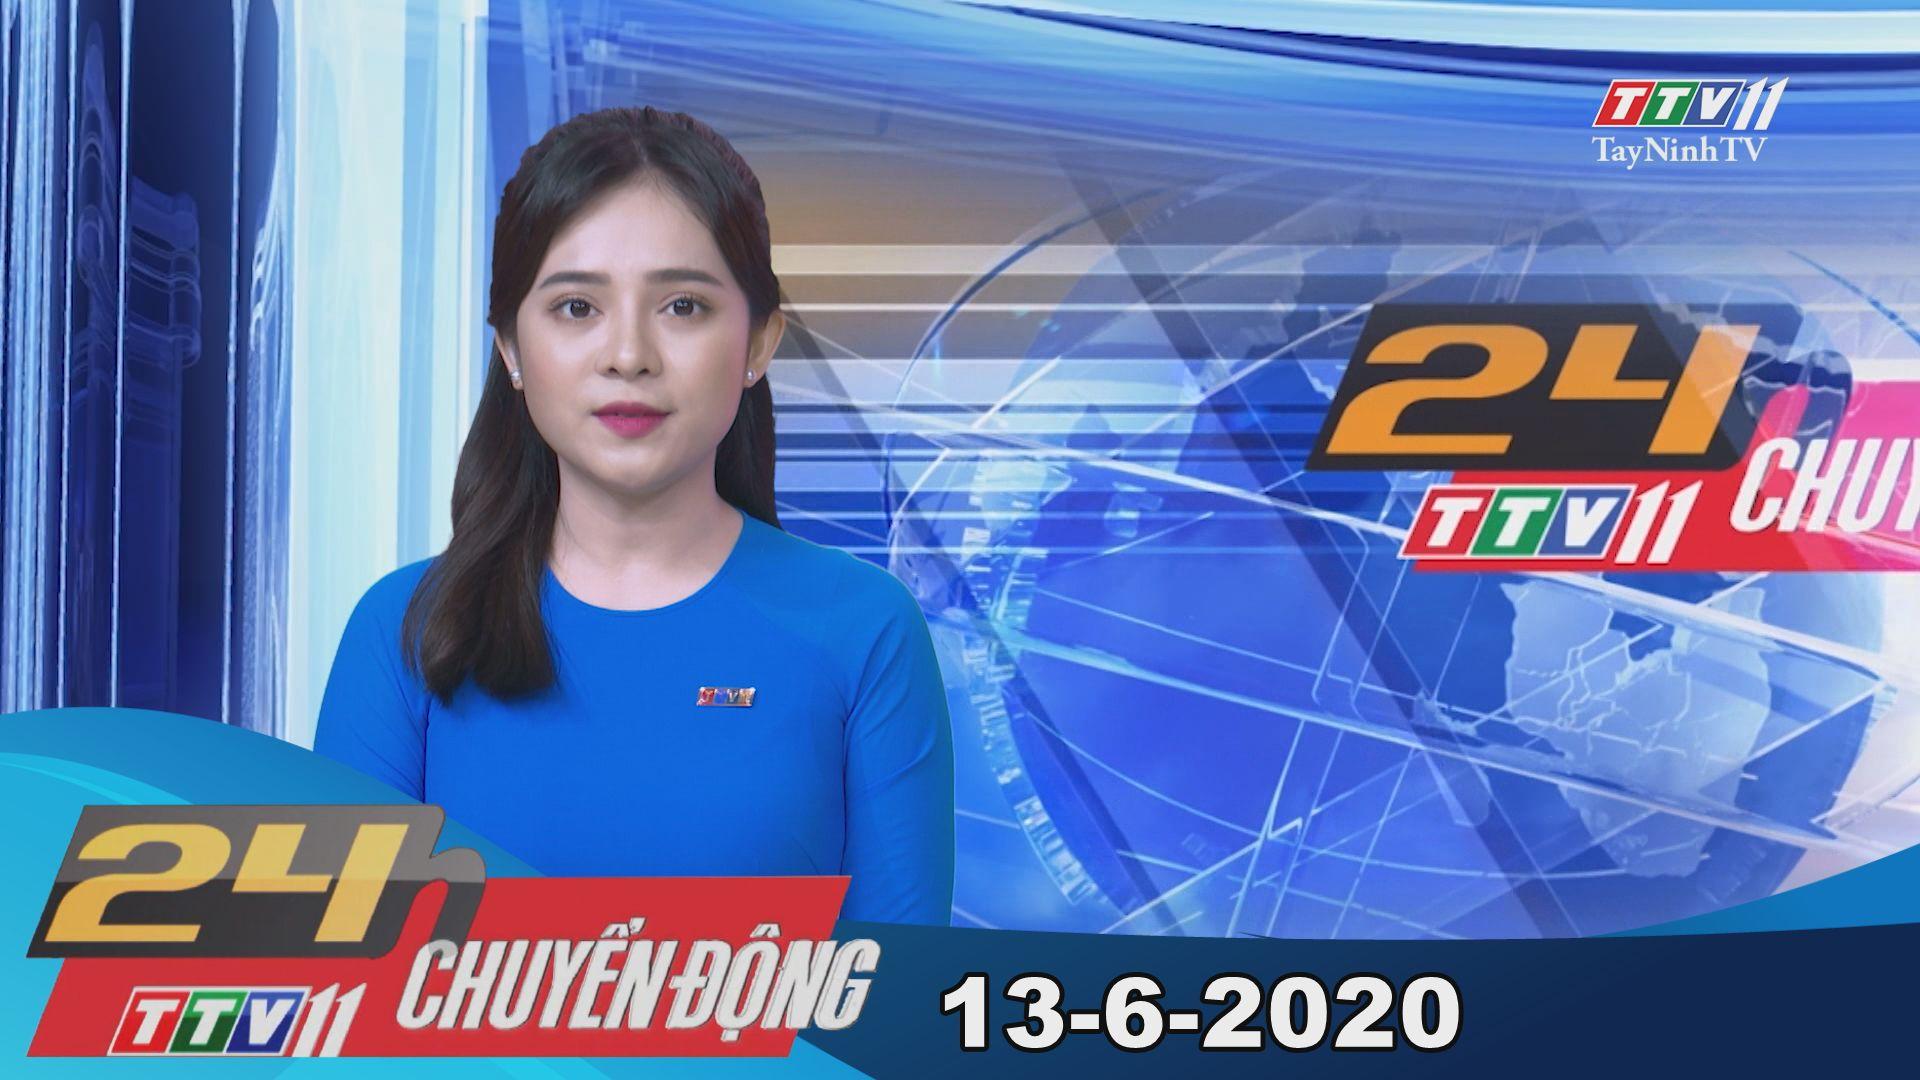 24h Chuyển động 13-6-2020 | Tin tức hôm nay | TayNinhTV